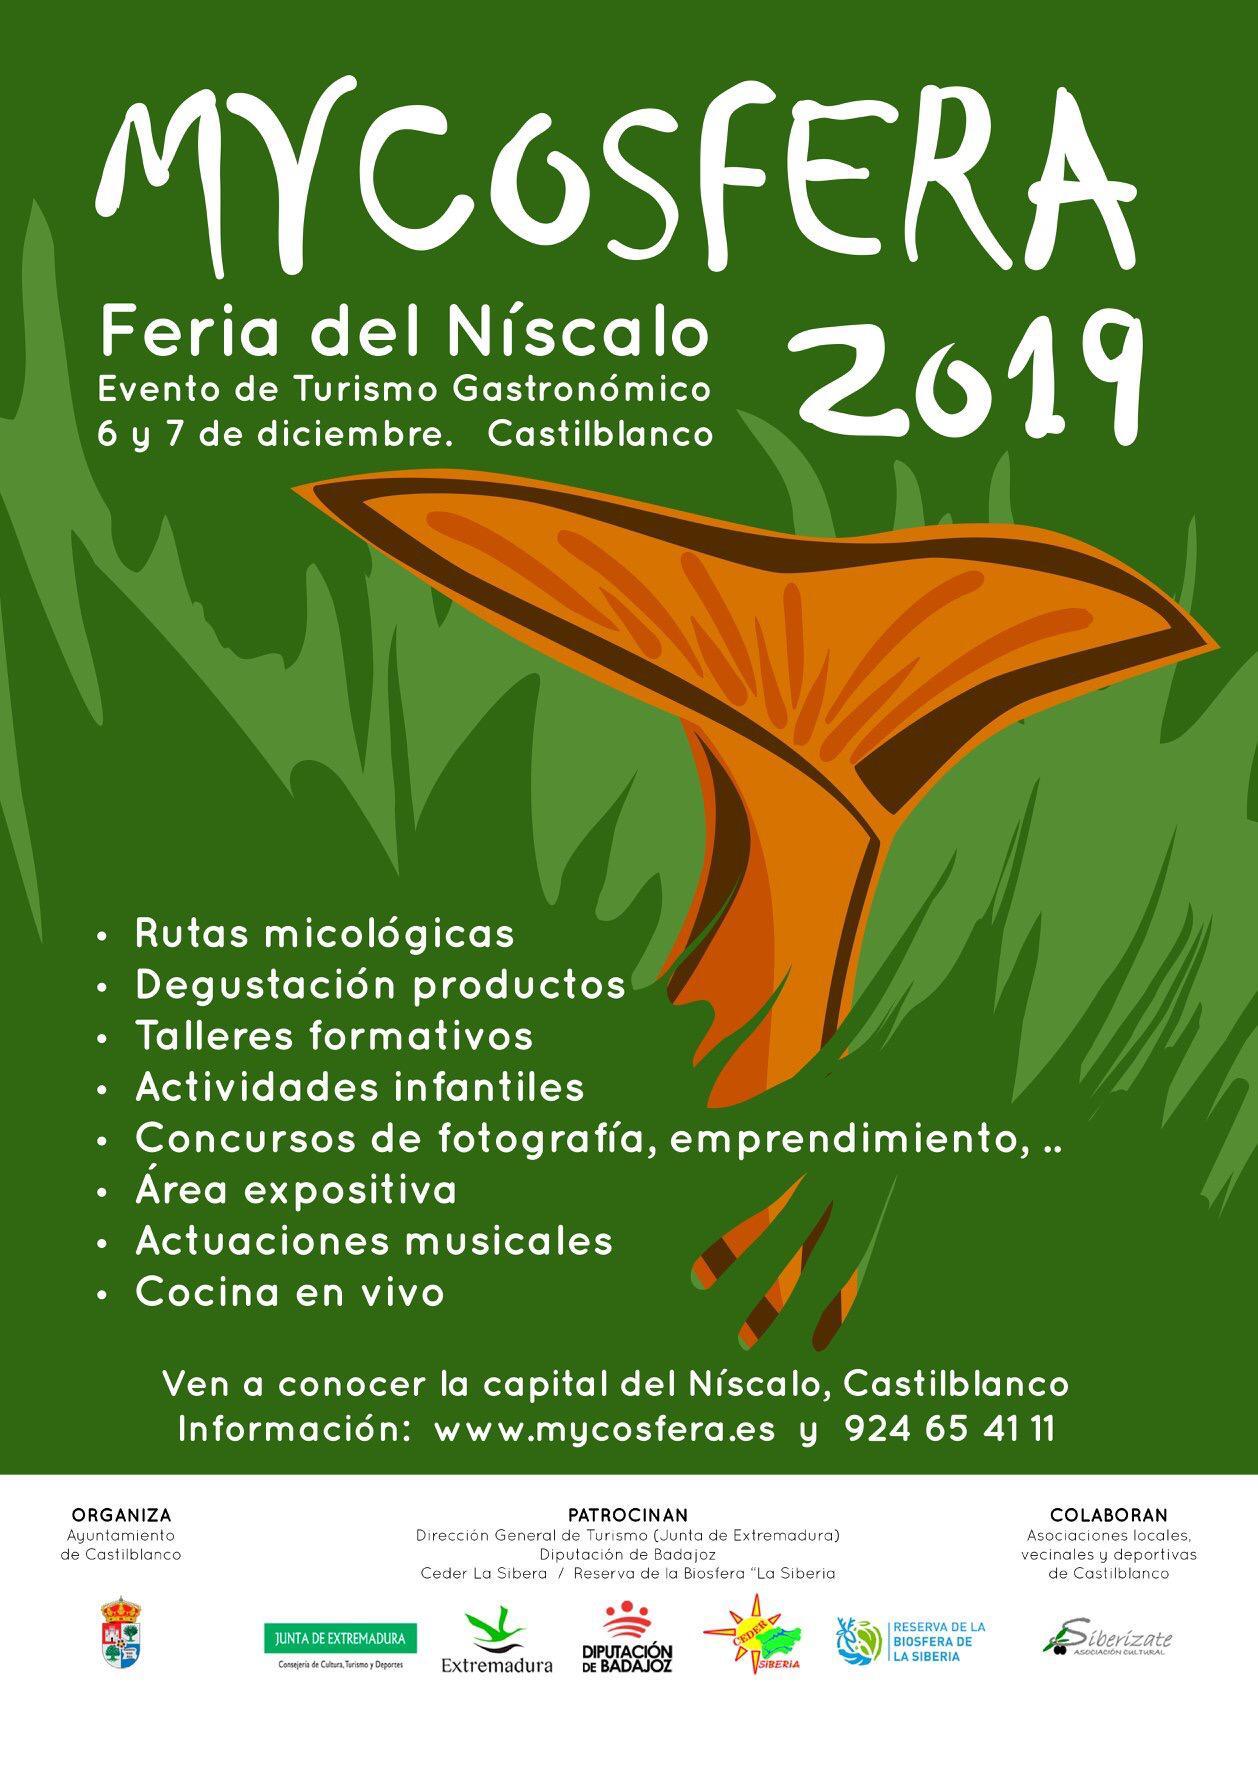 Micosfera 2019 – 6 y 7 Diciembre en Castilblanco.